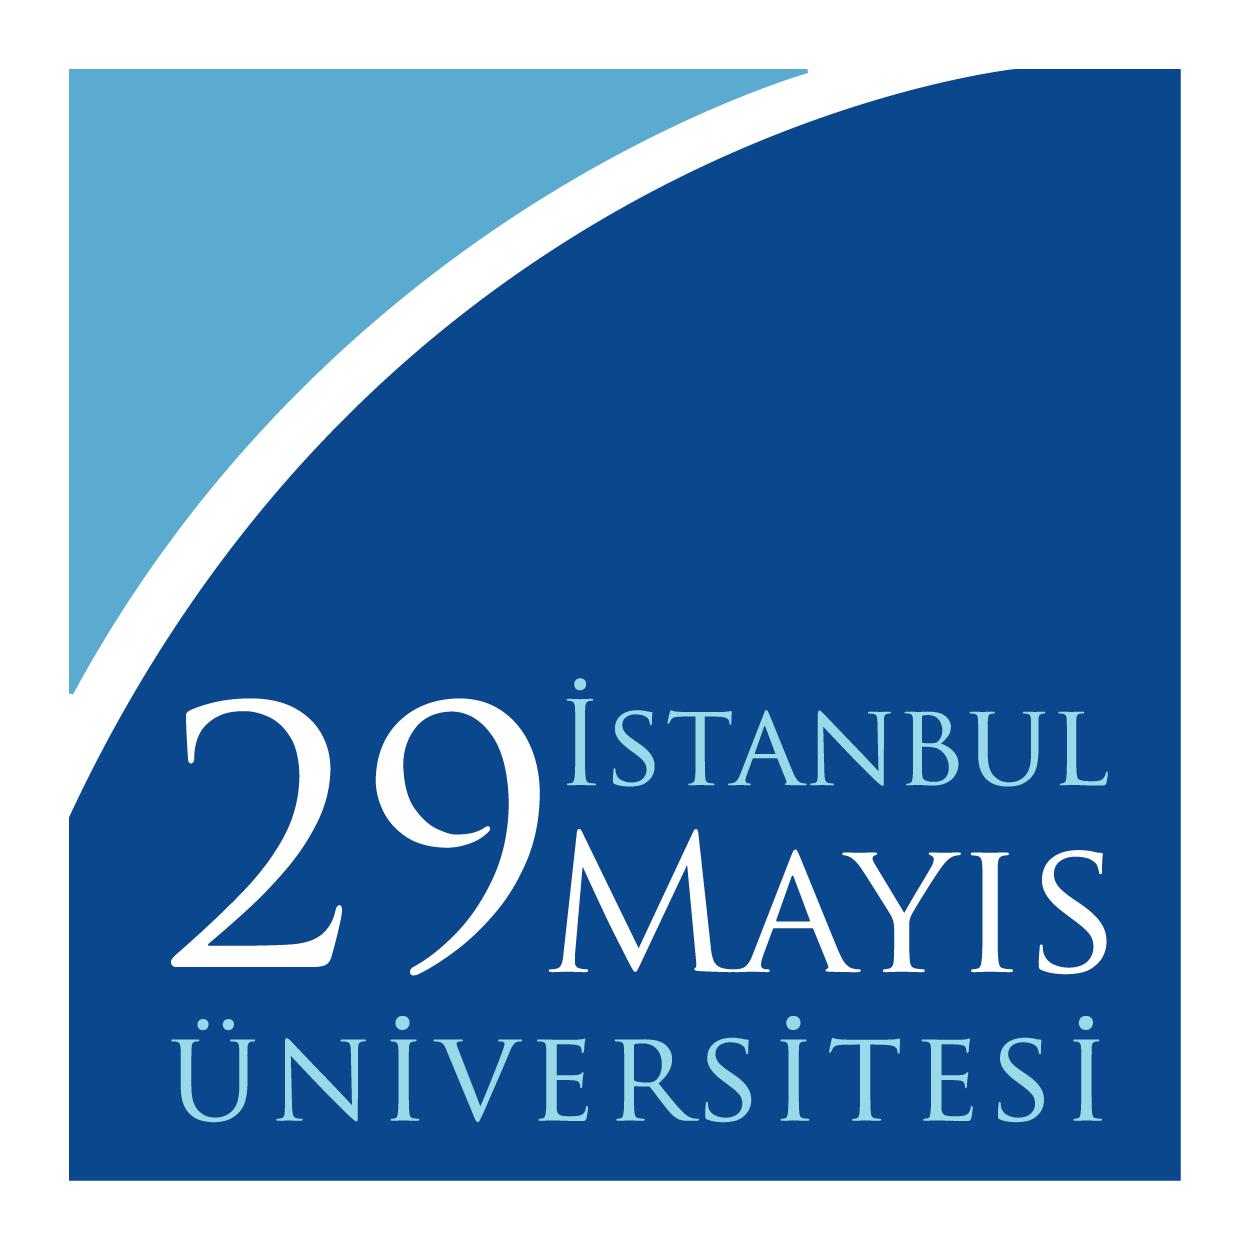 İstanbul 29 Mayıs Üniversitesi Logo png